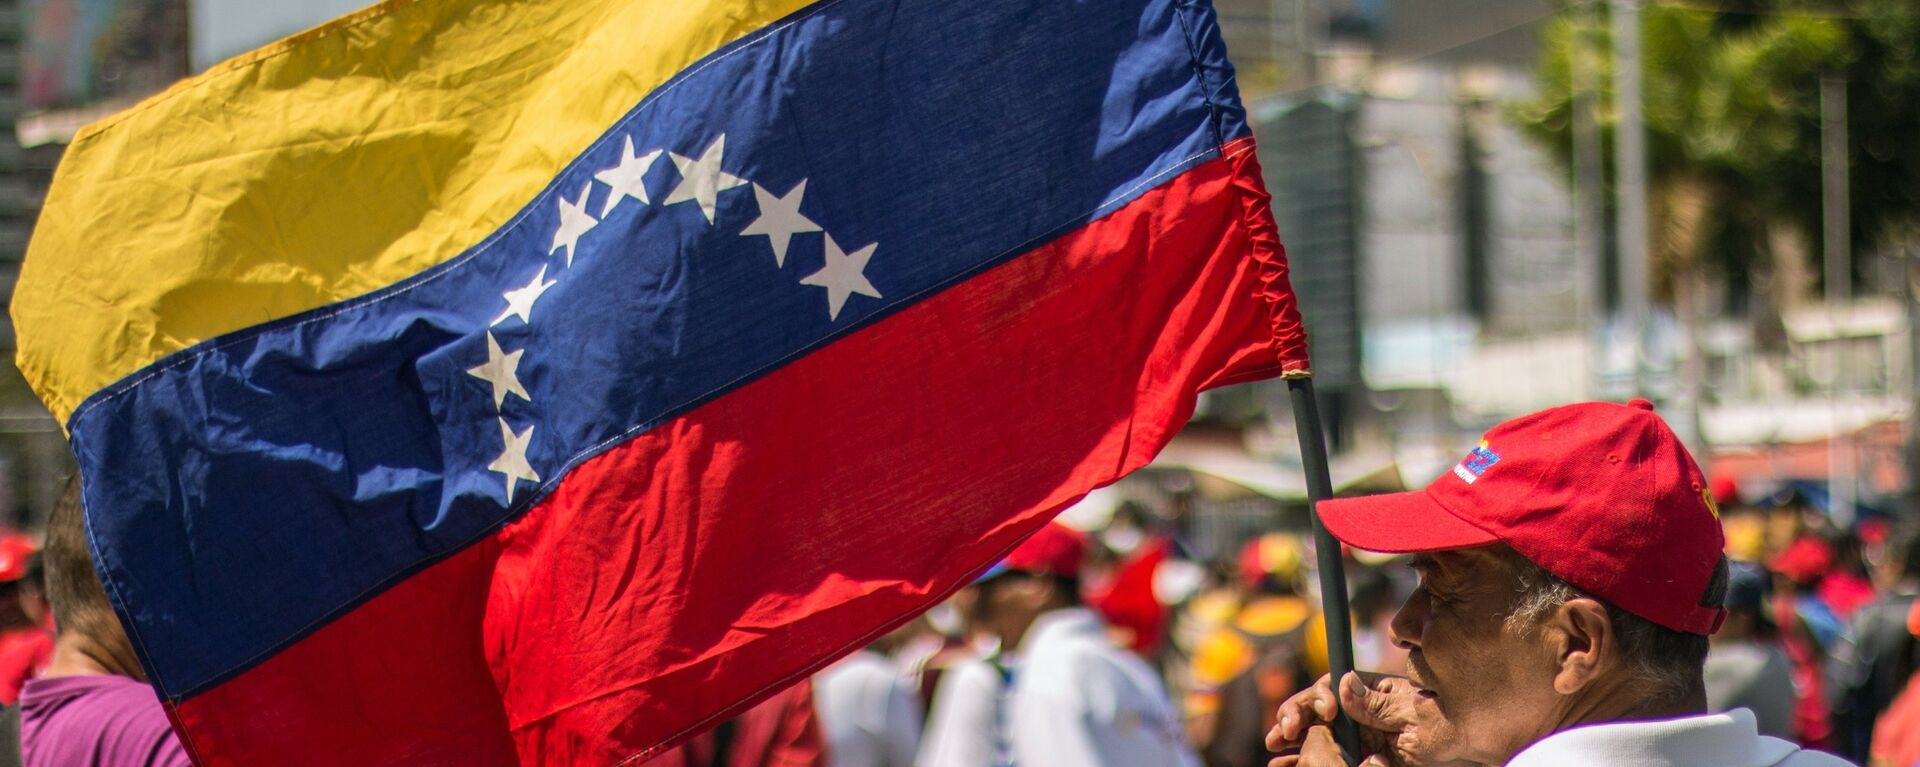 Un hombre con la bandera de Venezuela - Sputnik Mundo, 1920, 16.09.2021